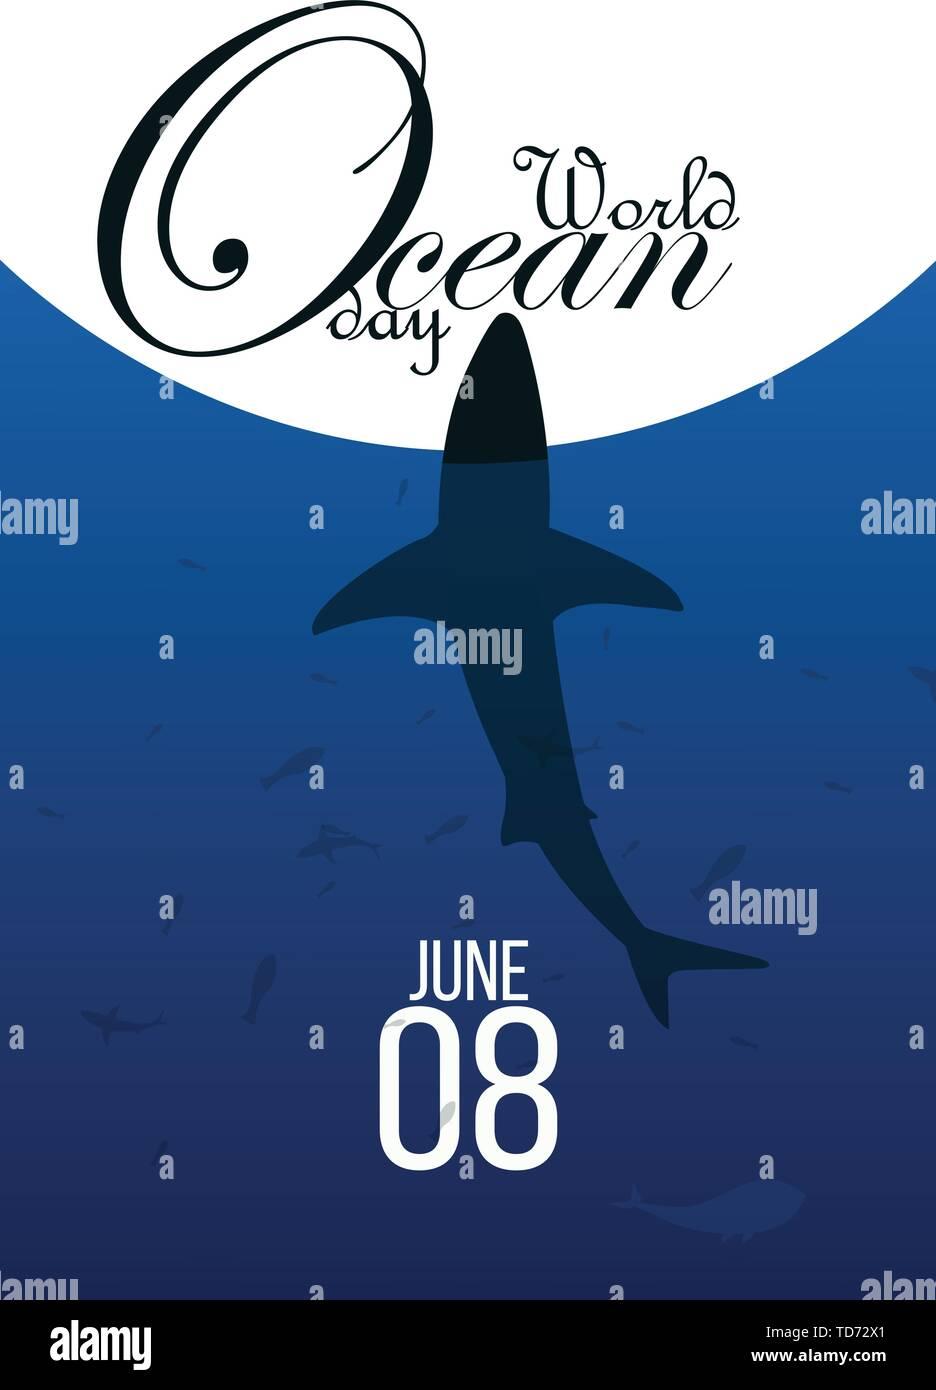 Día mundial de los océanos. Los animales del mar. Póster. Ilustración vectorial Imagen De Stock